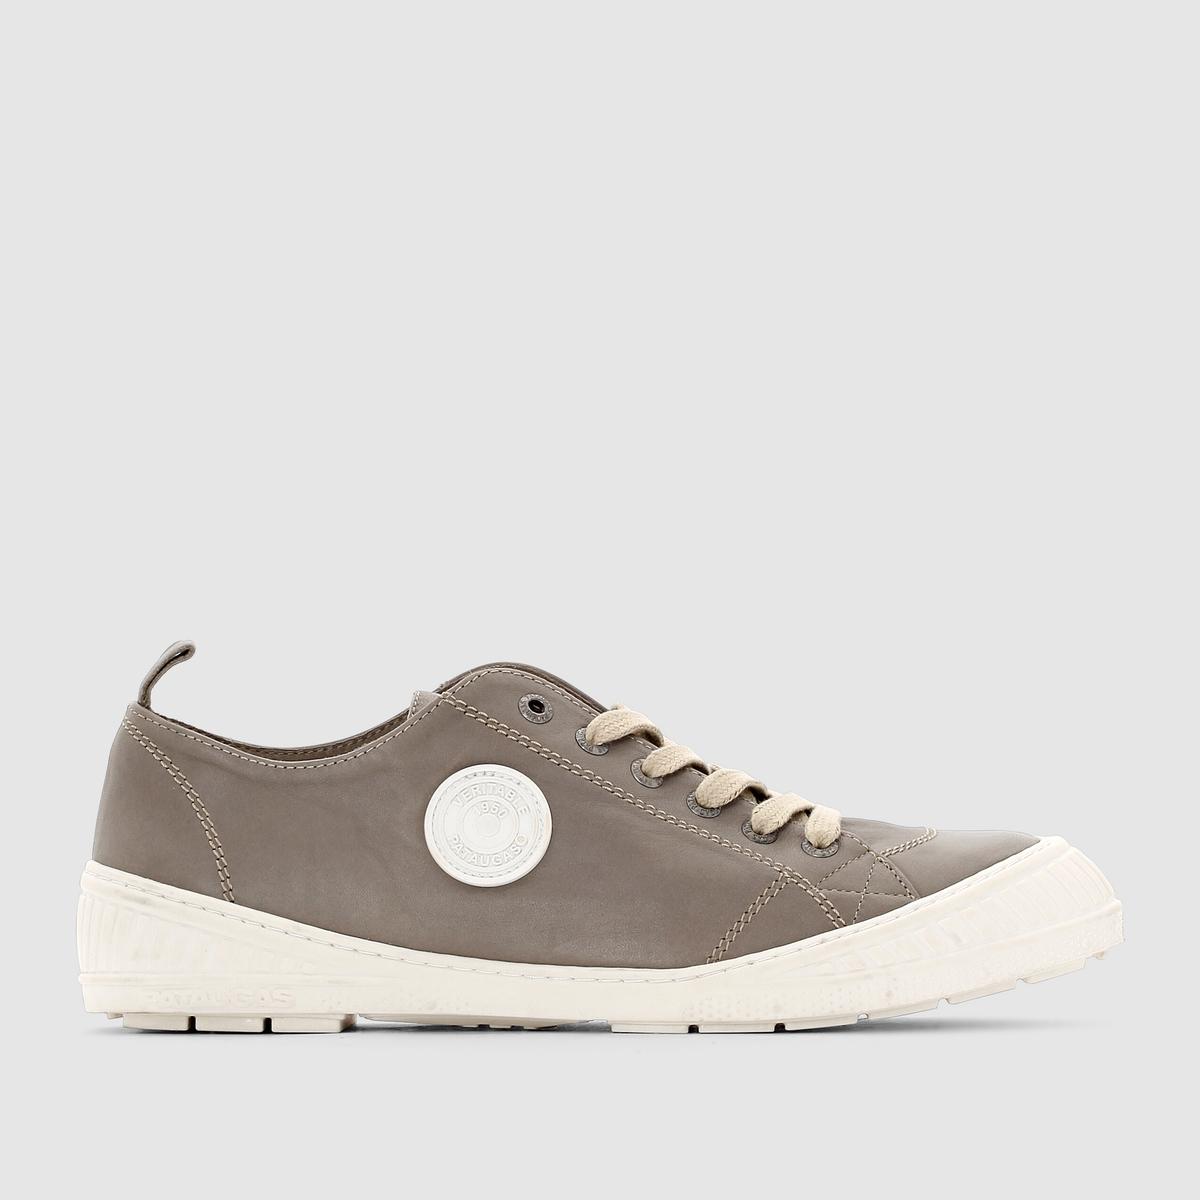 Кеды низкие, ROCK - PATAUGASЗастежка: на шнуровке.Преимущества: простота и стиль кожаных кед от Pataugas.<br><br>Цвет: хаки<br>Размер: 41.42.40